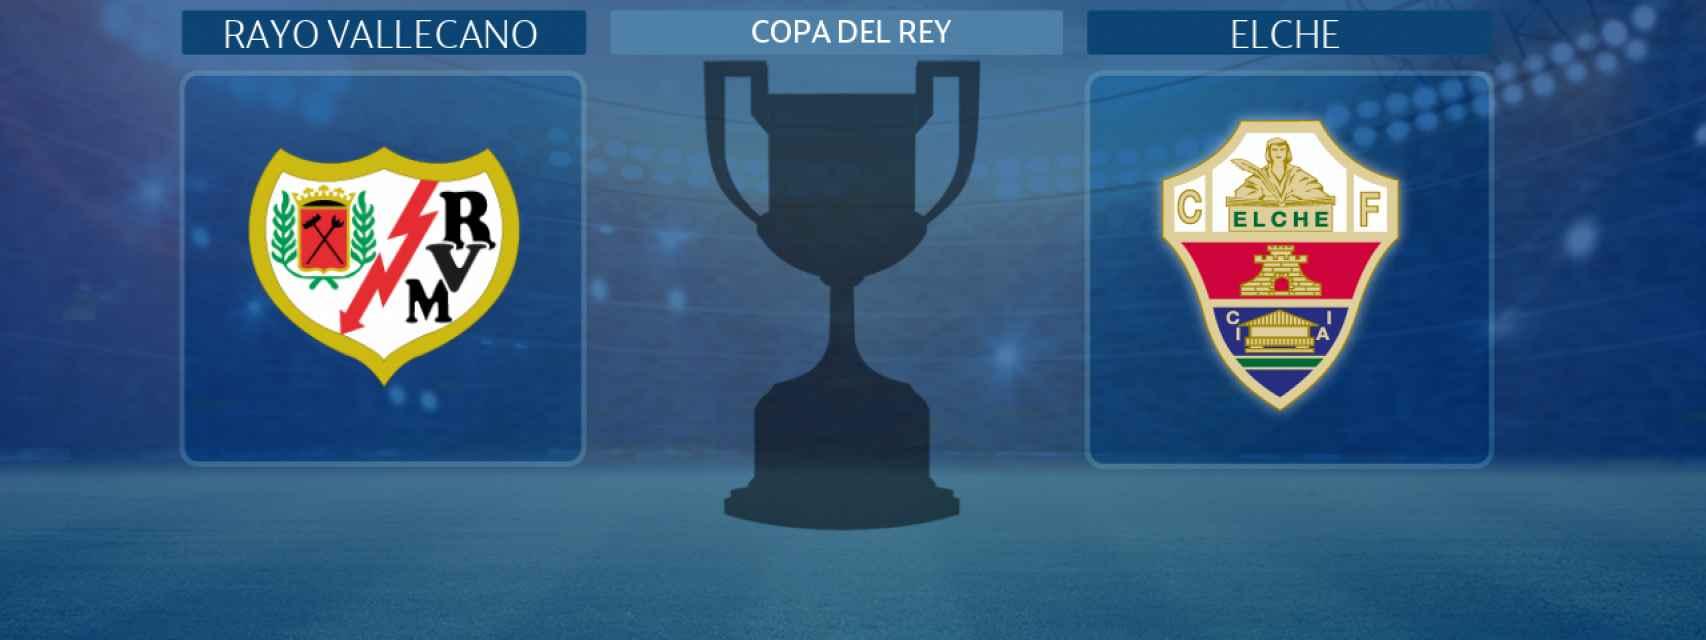 Rayo Vallecano - Elche, partido de la Copa del Rey